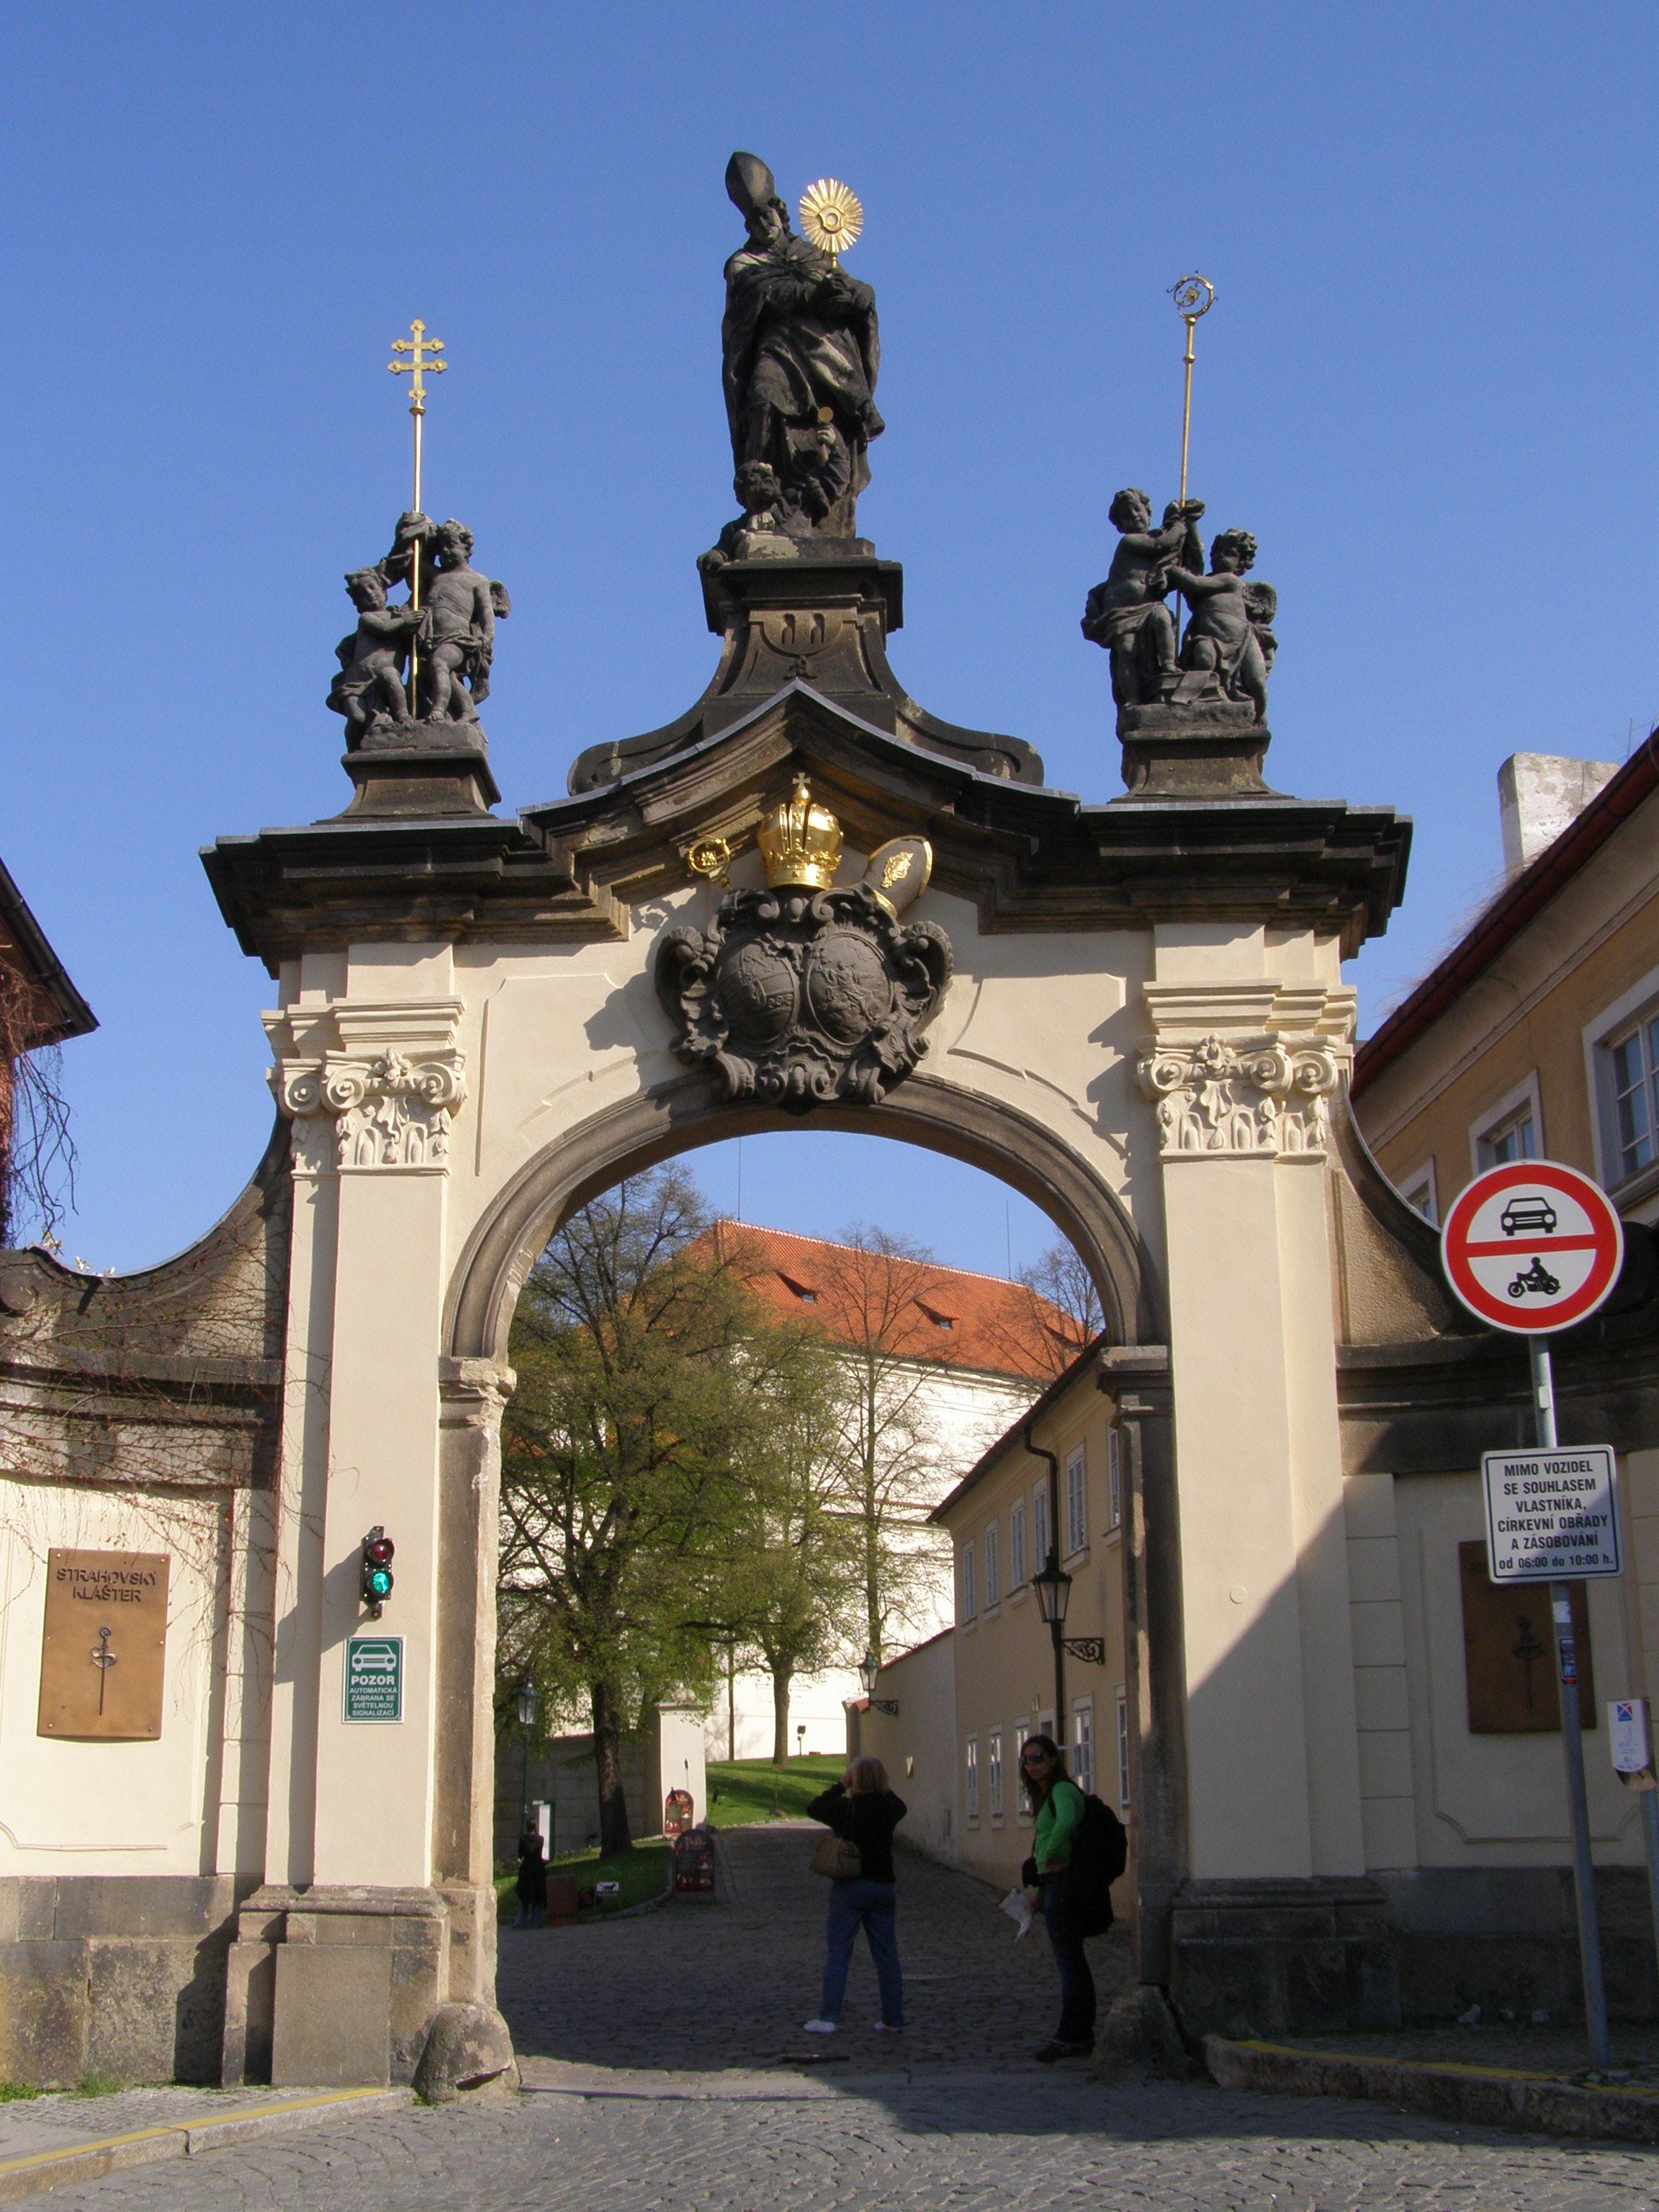 Klaster Praha File:praha Strahovský Klášter